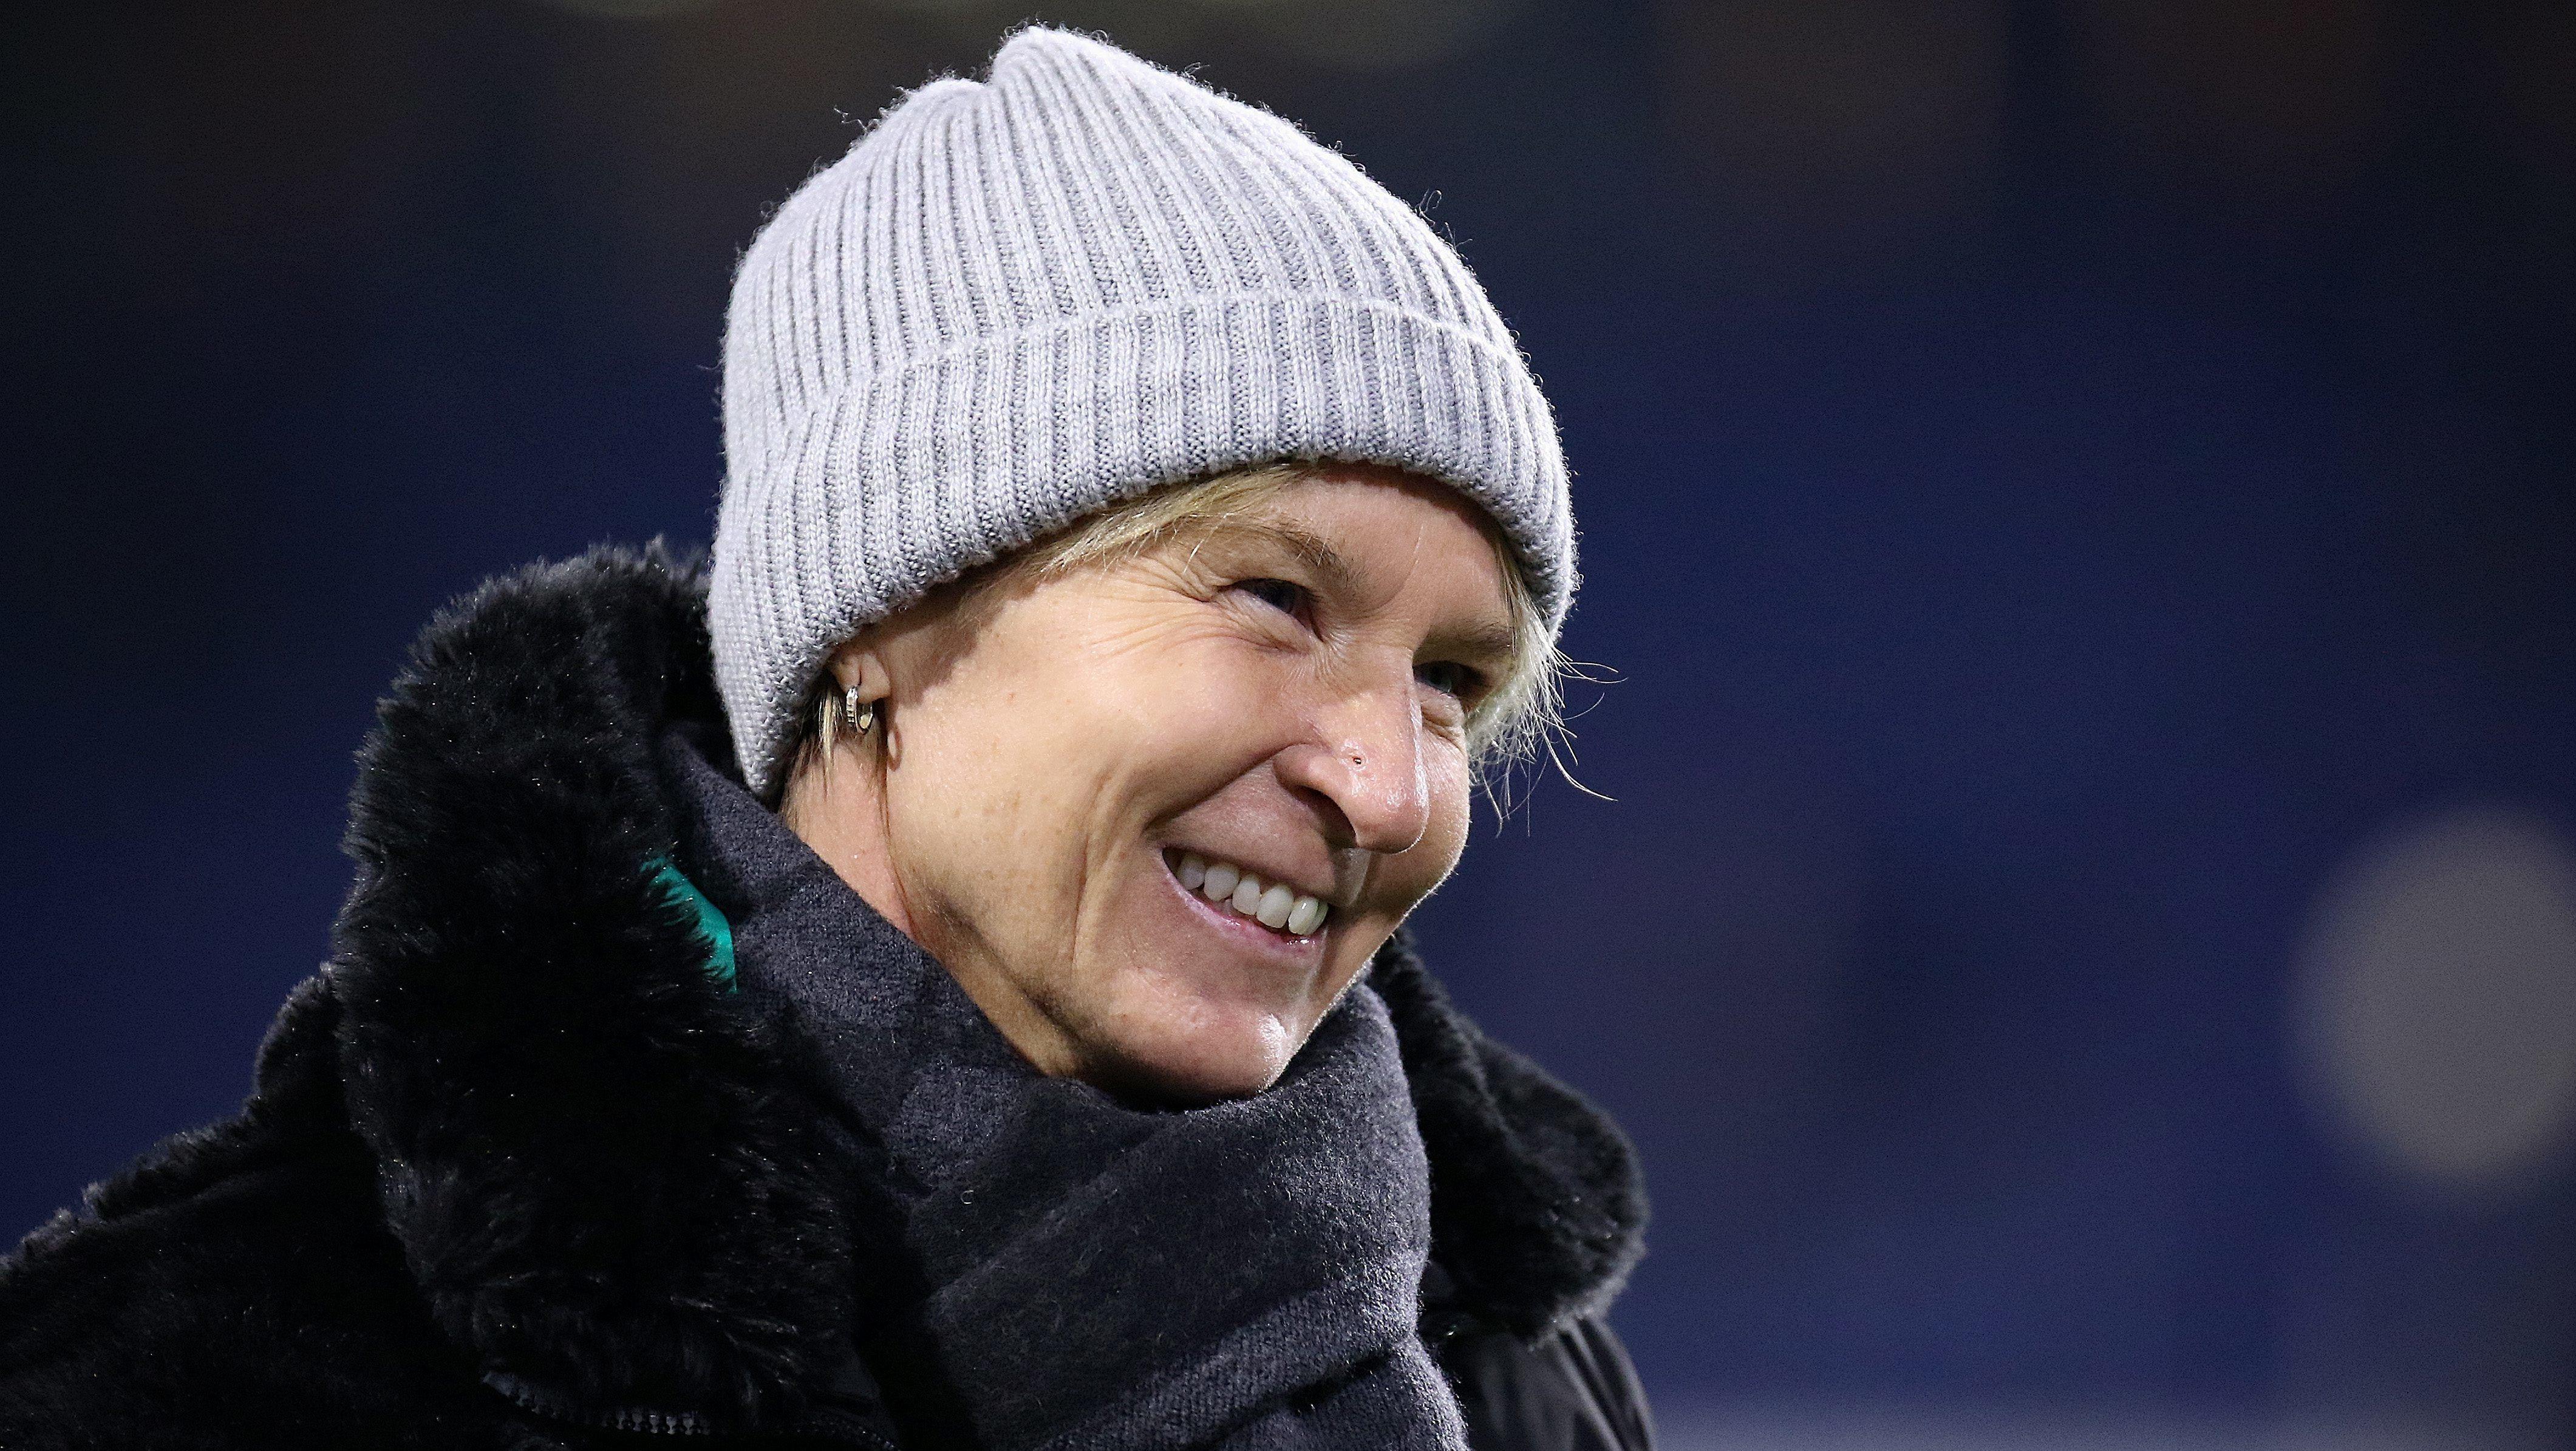 Fußball-Bundestrainerin Martina Voss-Tecklenburg